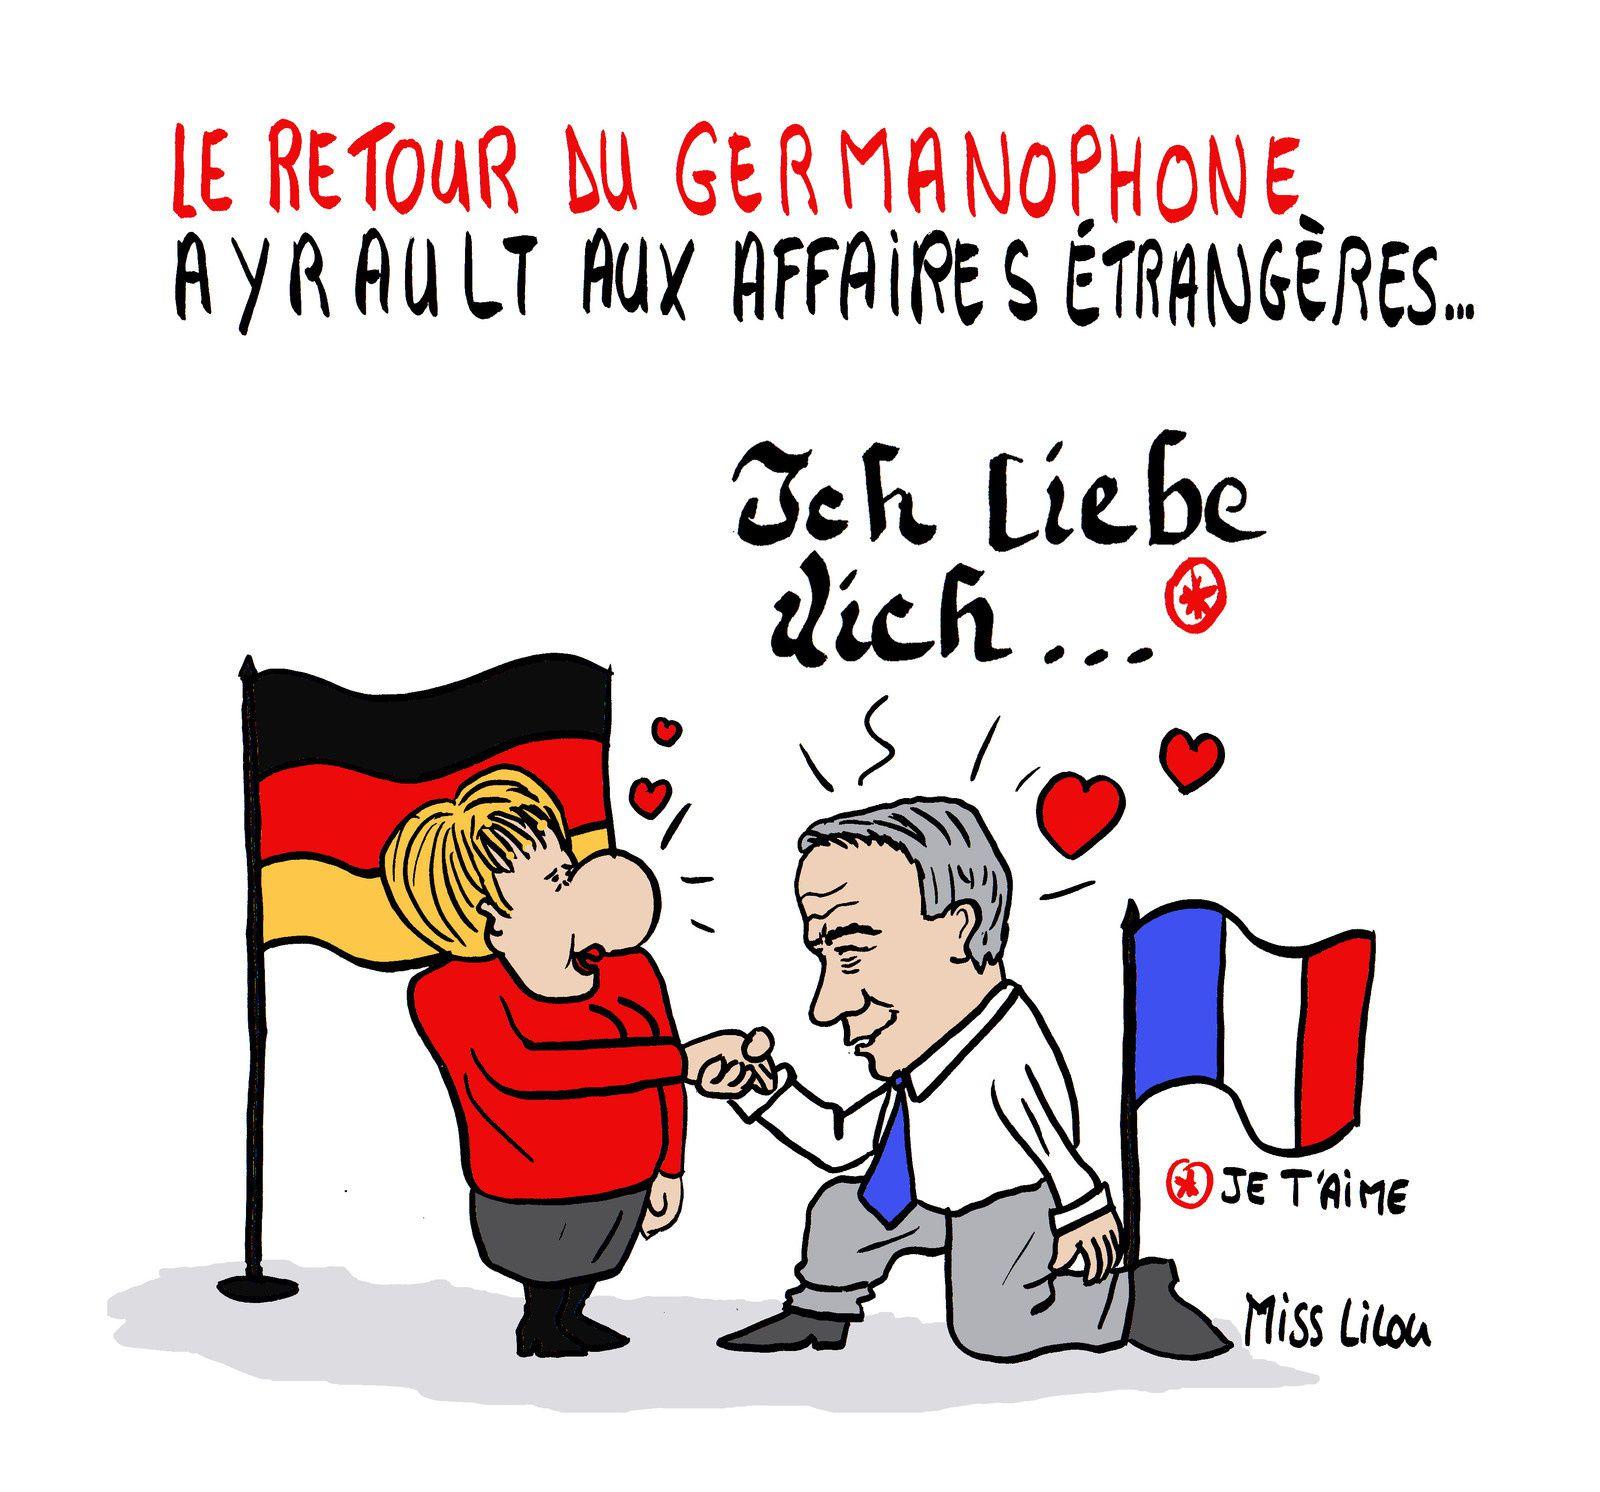 Le retour du germanophone Ayrault aux affaires étrangères...